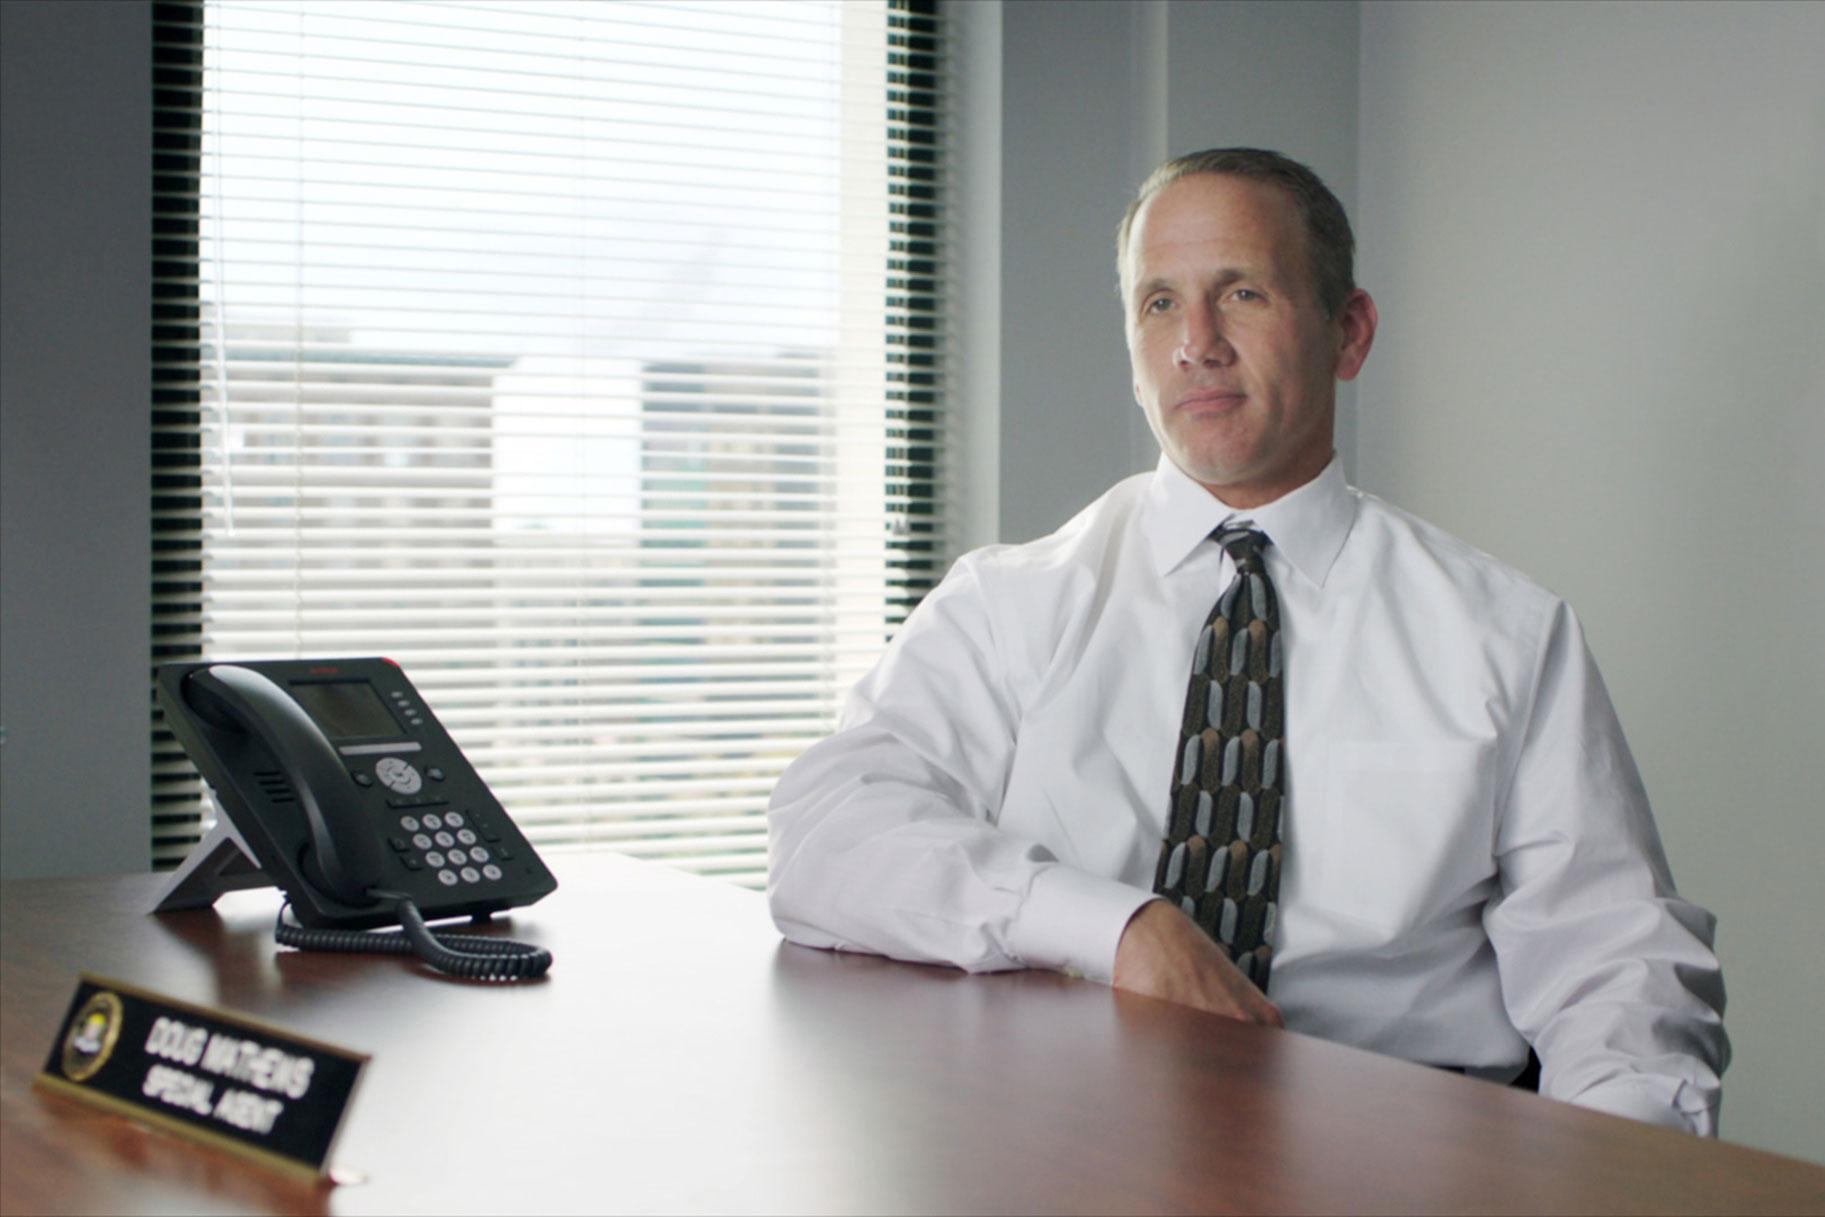 ¿Dónde está ahora Doug Mathews, agente especial del FBI que ayudó a resolver el fraude del monopolio de McDonald's?